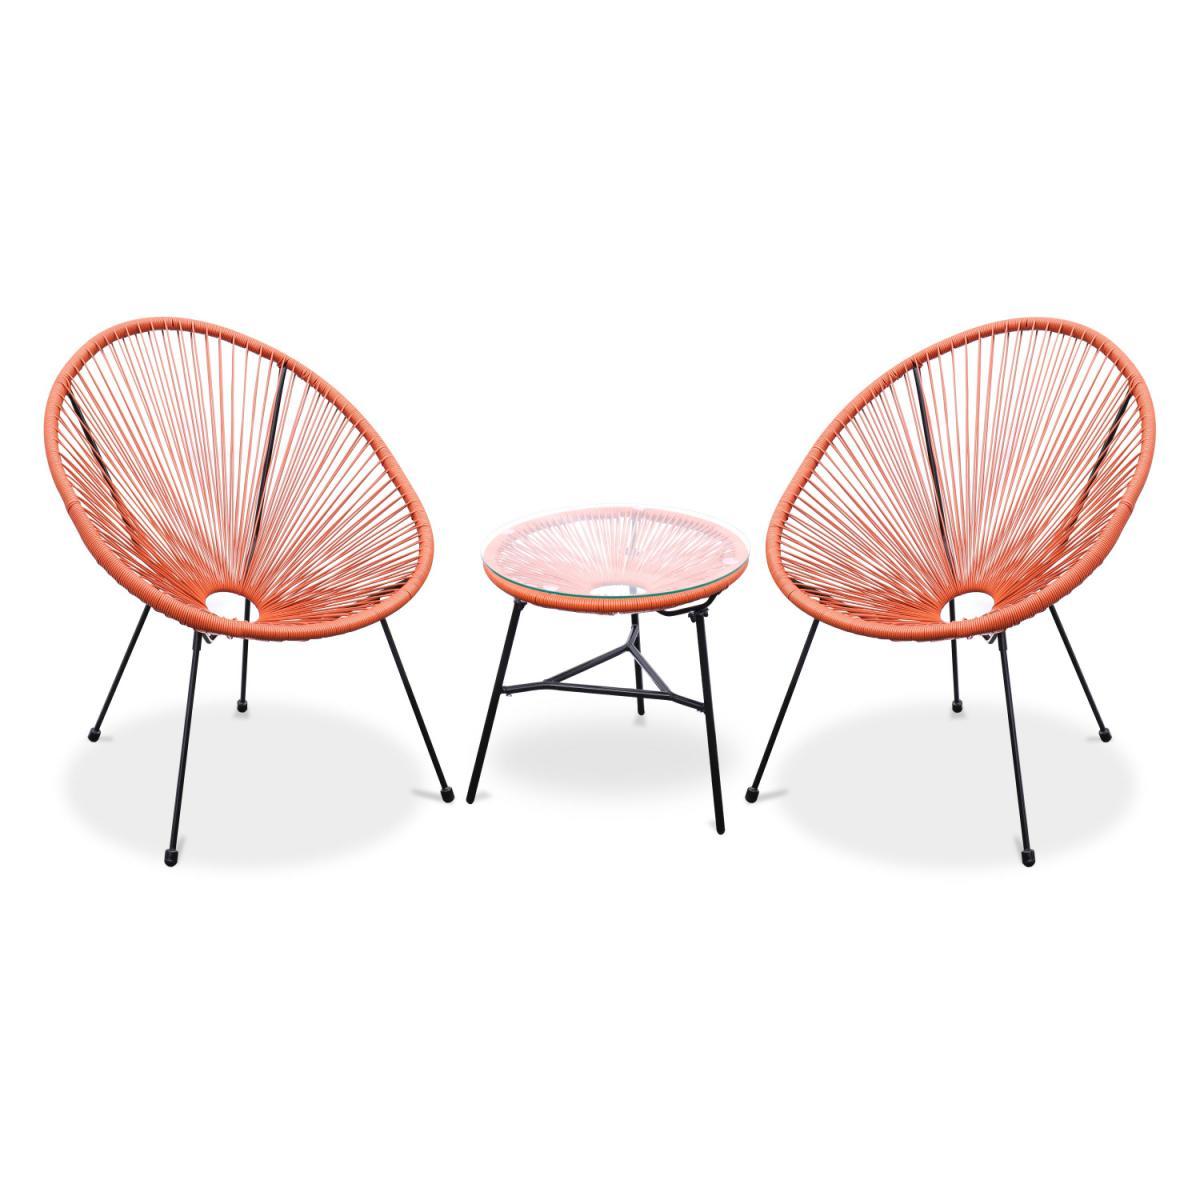 Alice'S Garden Lot de 2 fauteuils ACAPULCO forme d'oeuf avec table d'appoint - Terra Cotta - Fauteuils design rétro